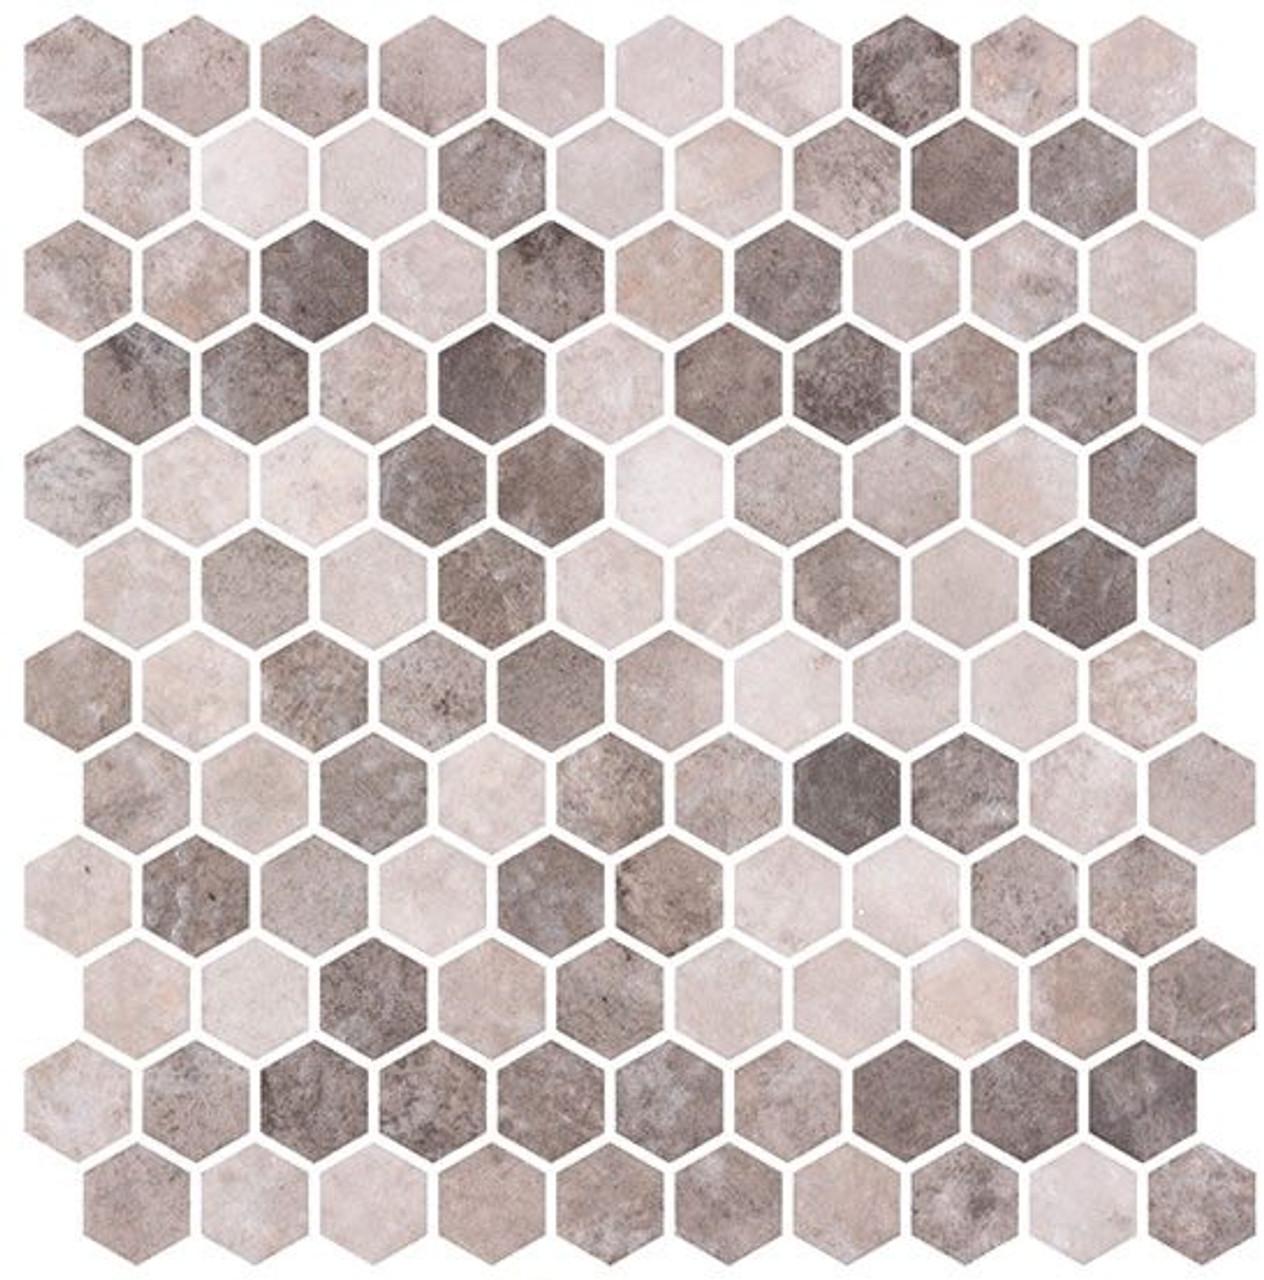 Bella Glass Tiles Karma Ridge Hexagon Mosaic Soothing Intent KR1403